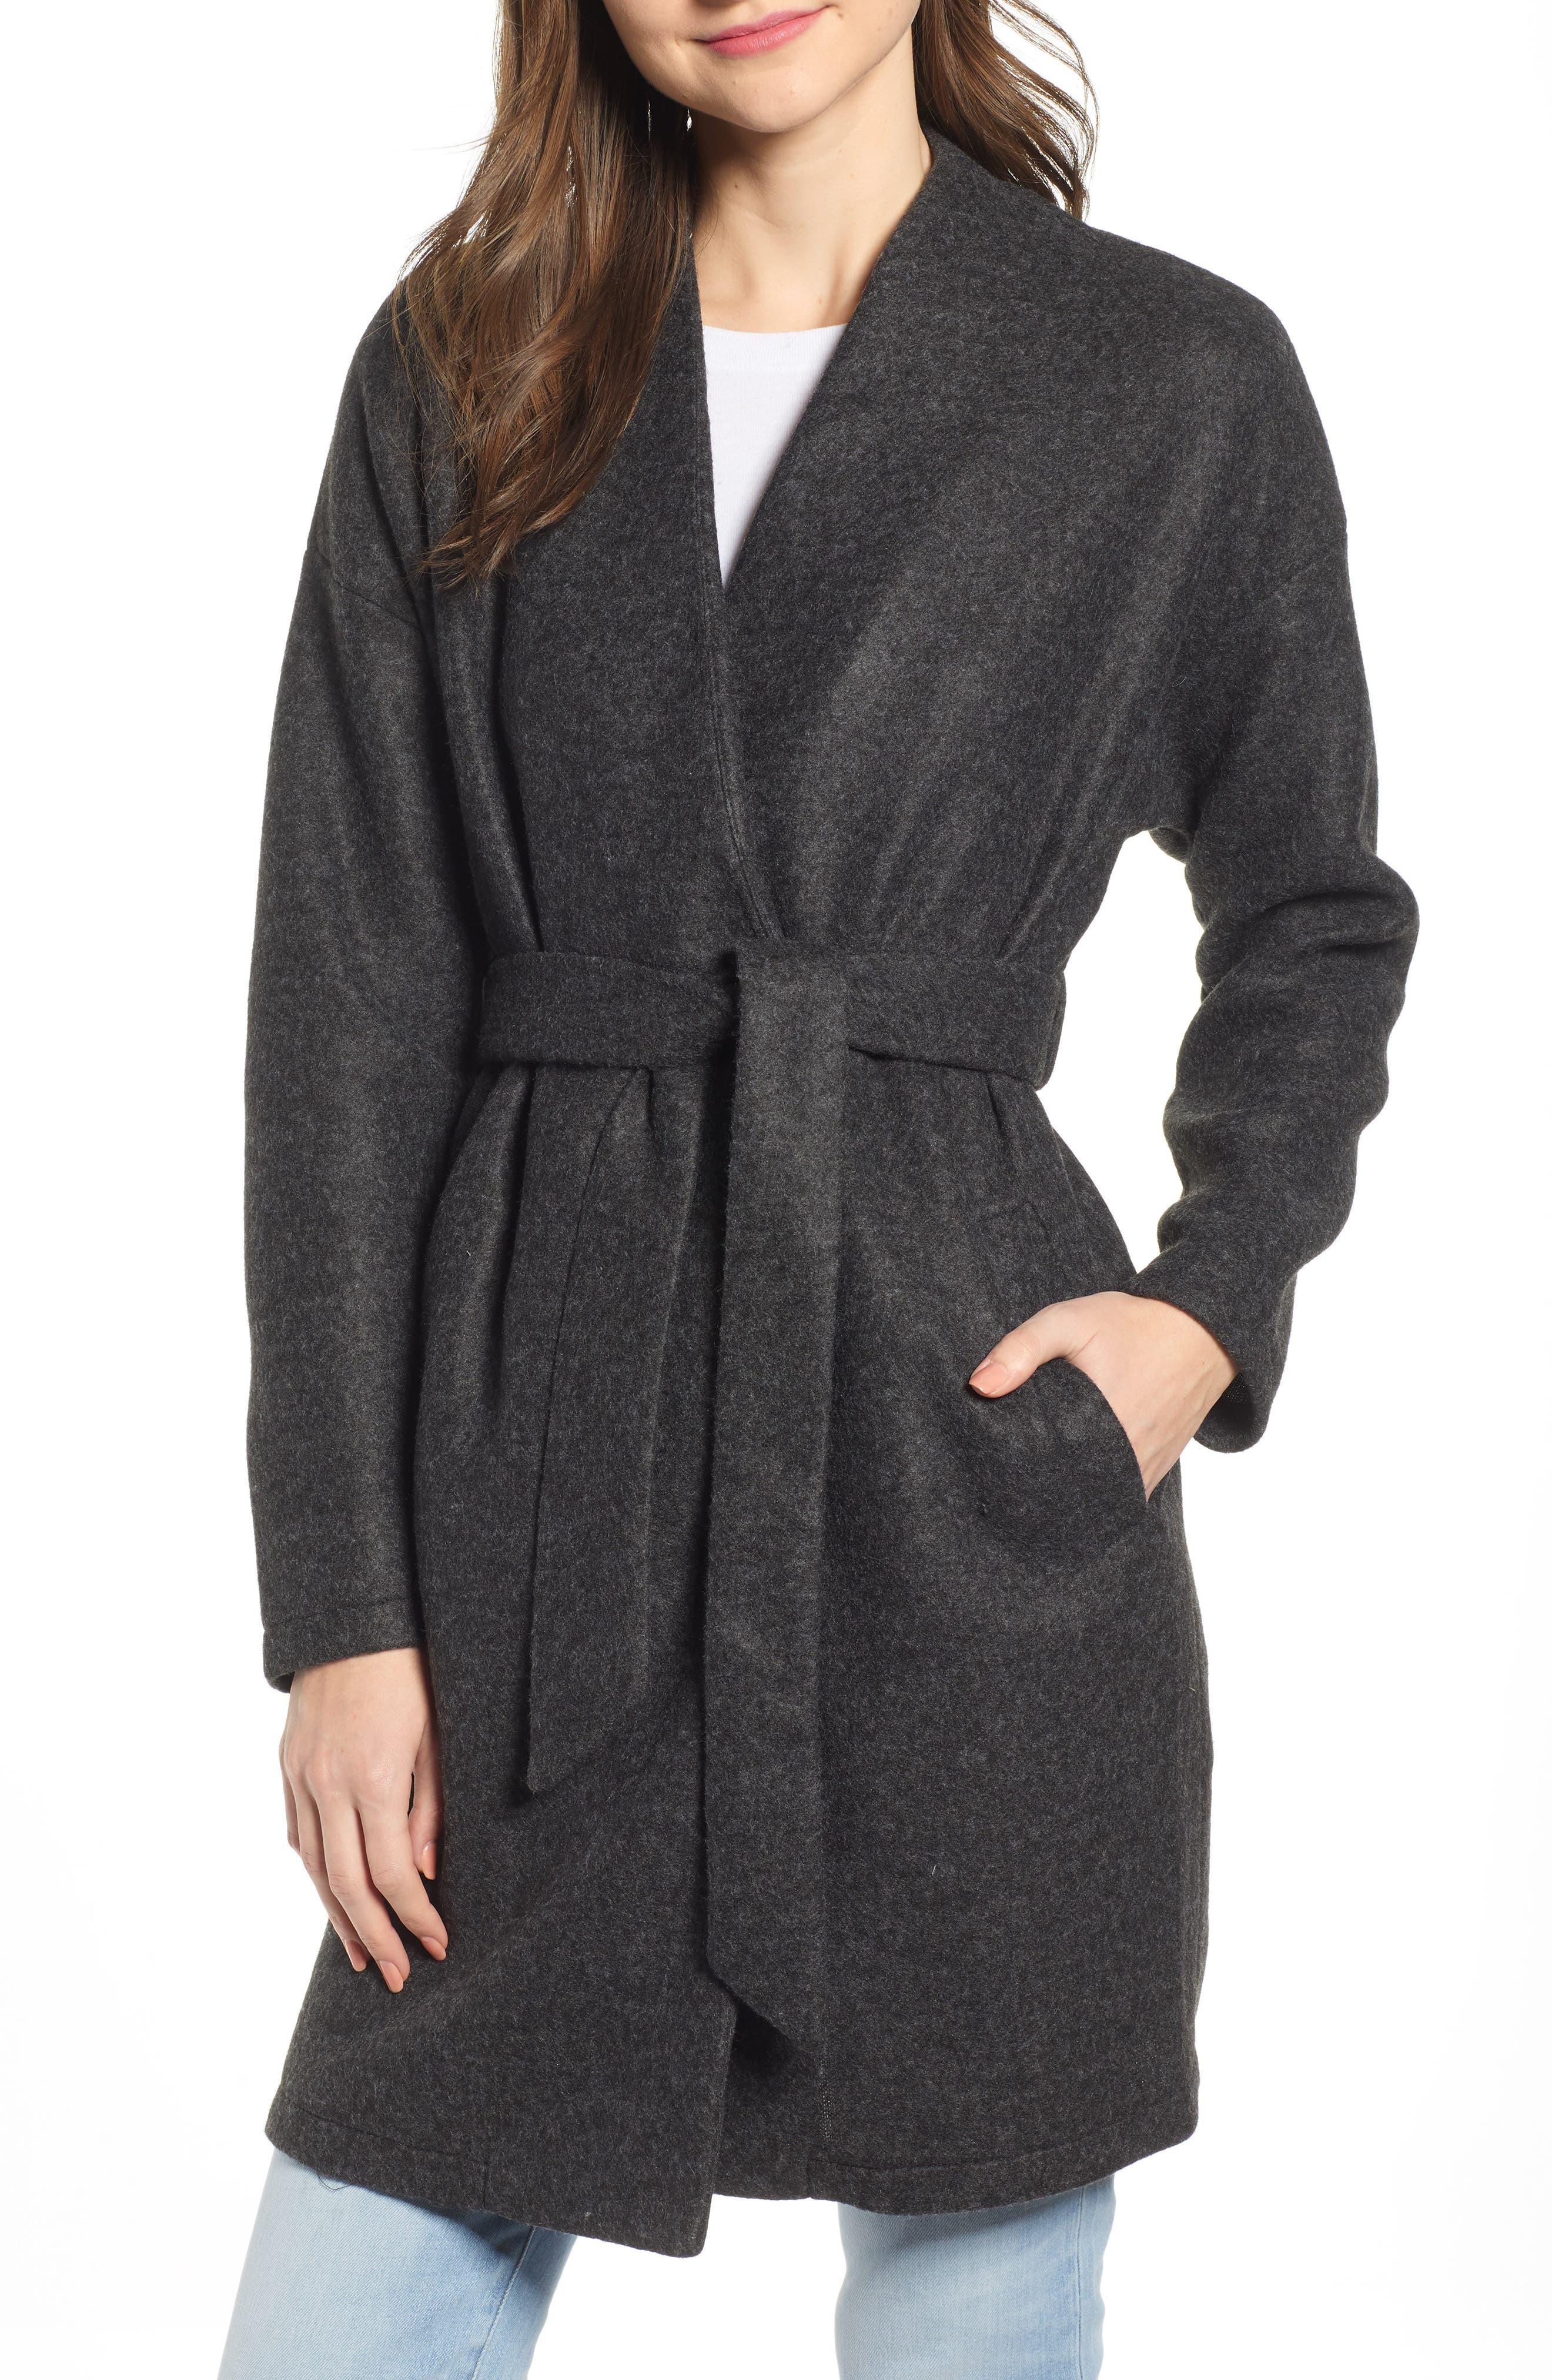 Vero Moda Brushed Fleece Jacket, Grey